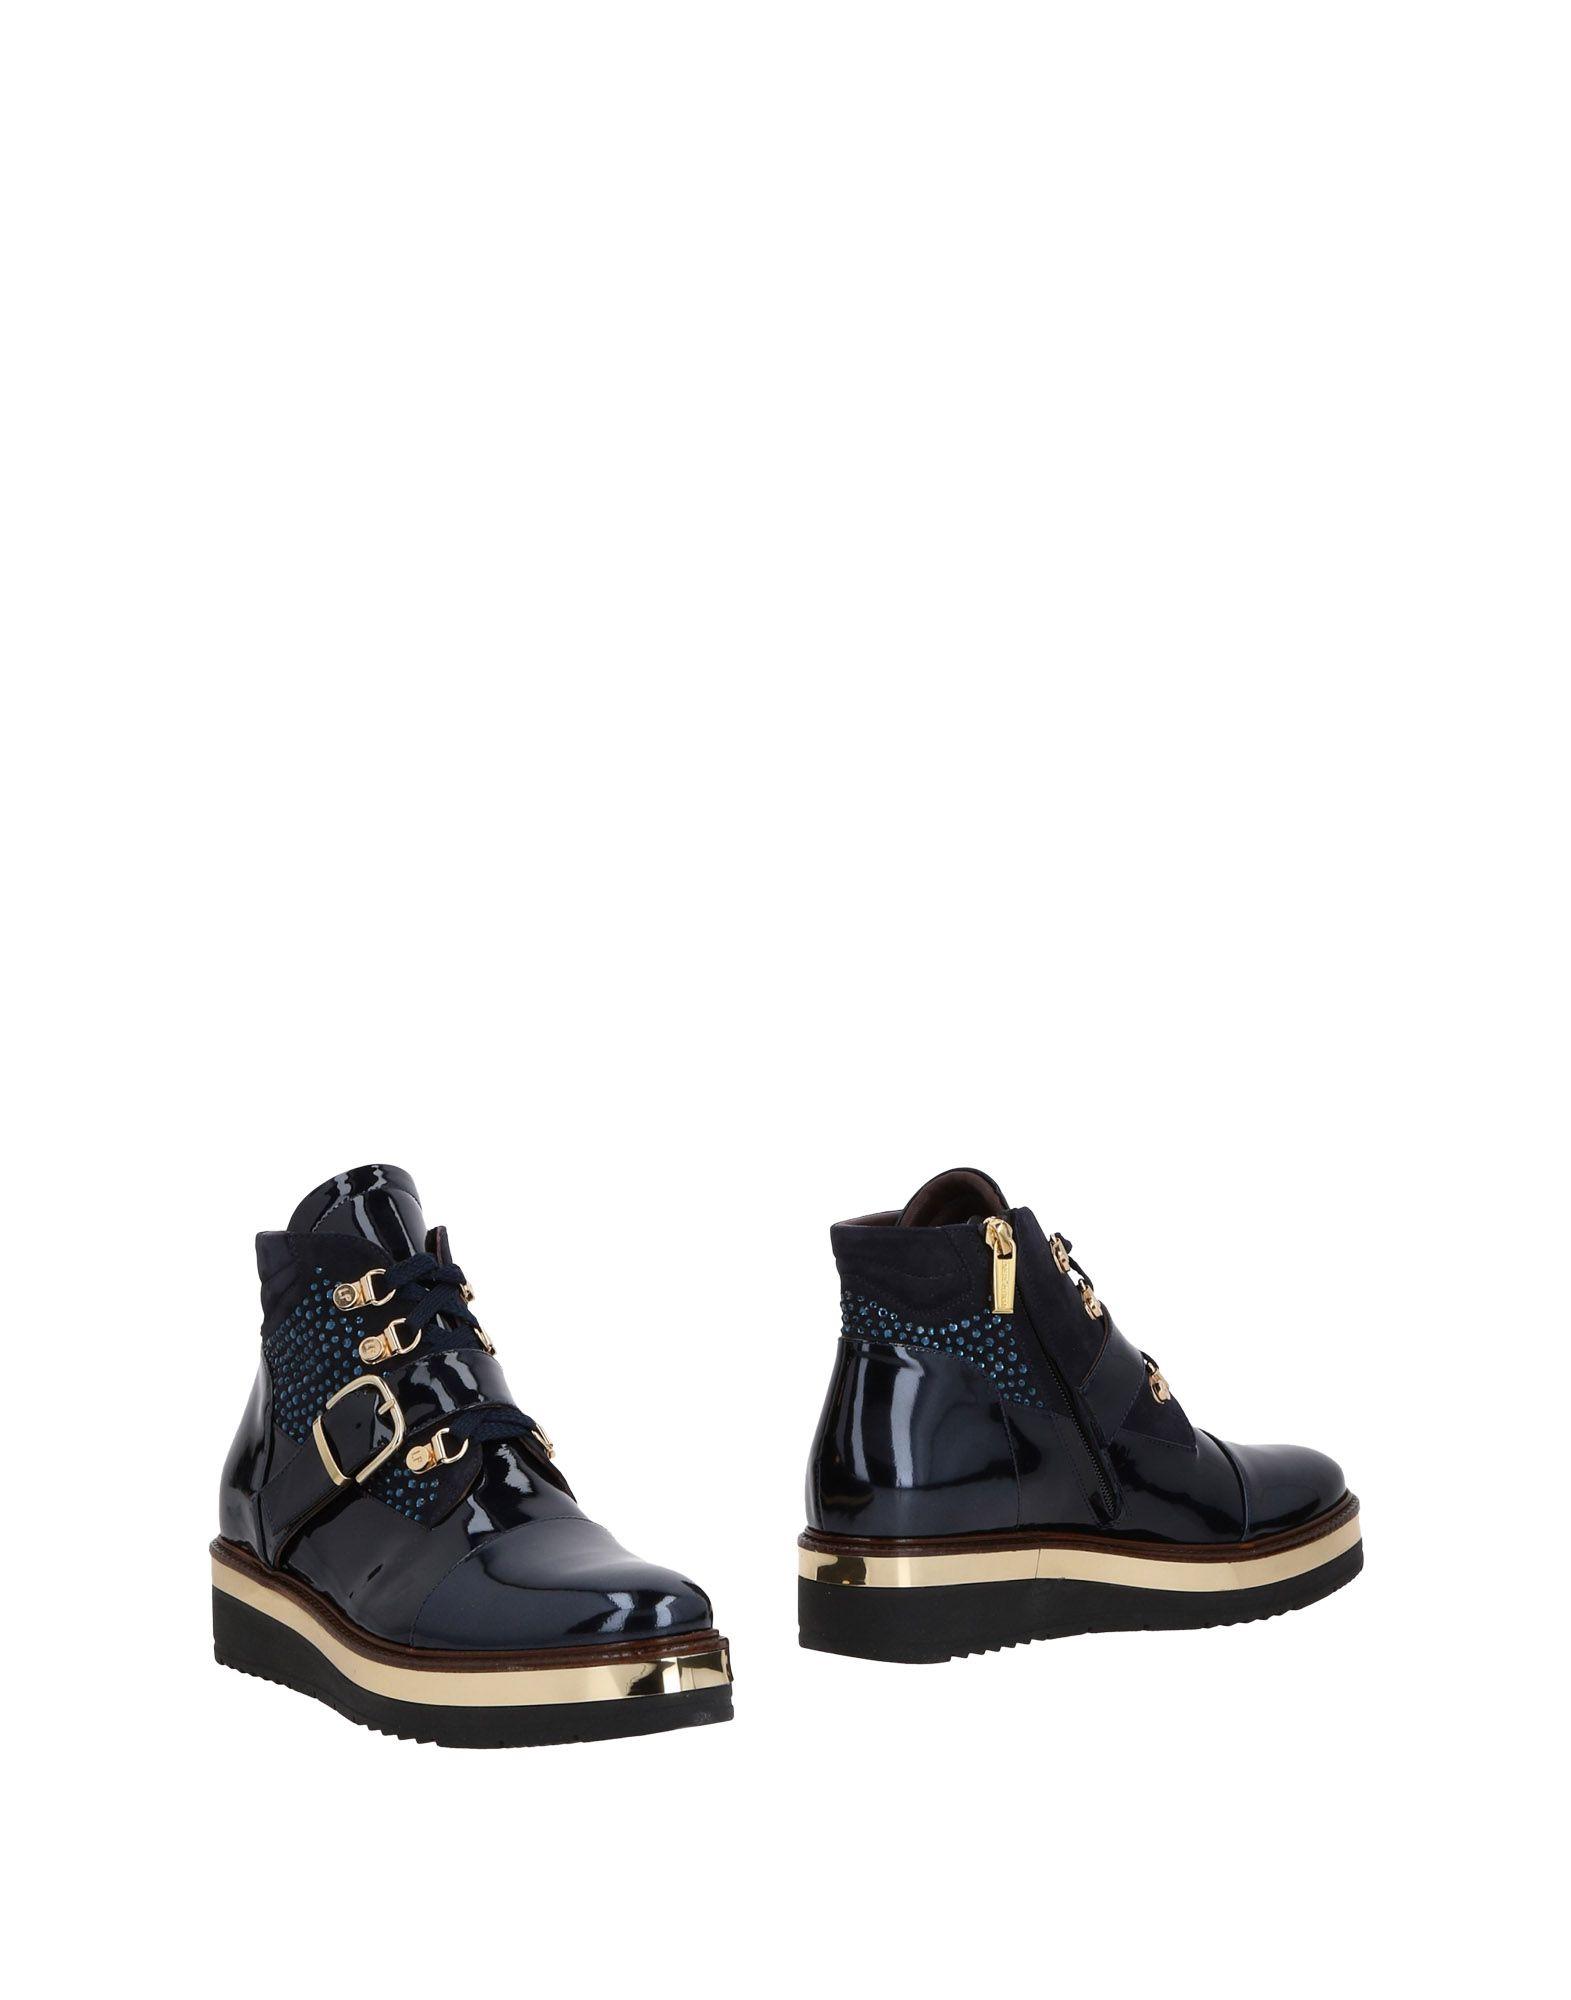 Loretta Pettinari Stiefelette Schuhe Damen  11473002CG Beliebte Schuhe Stiefelette d13425